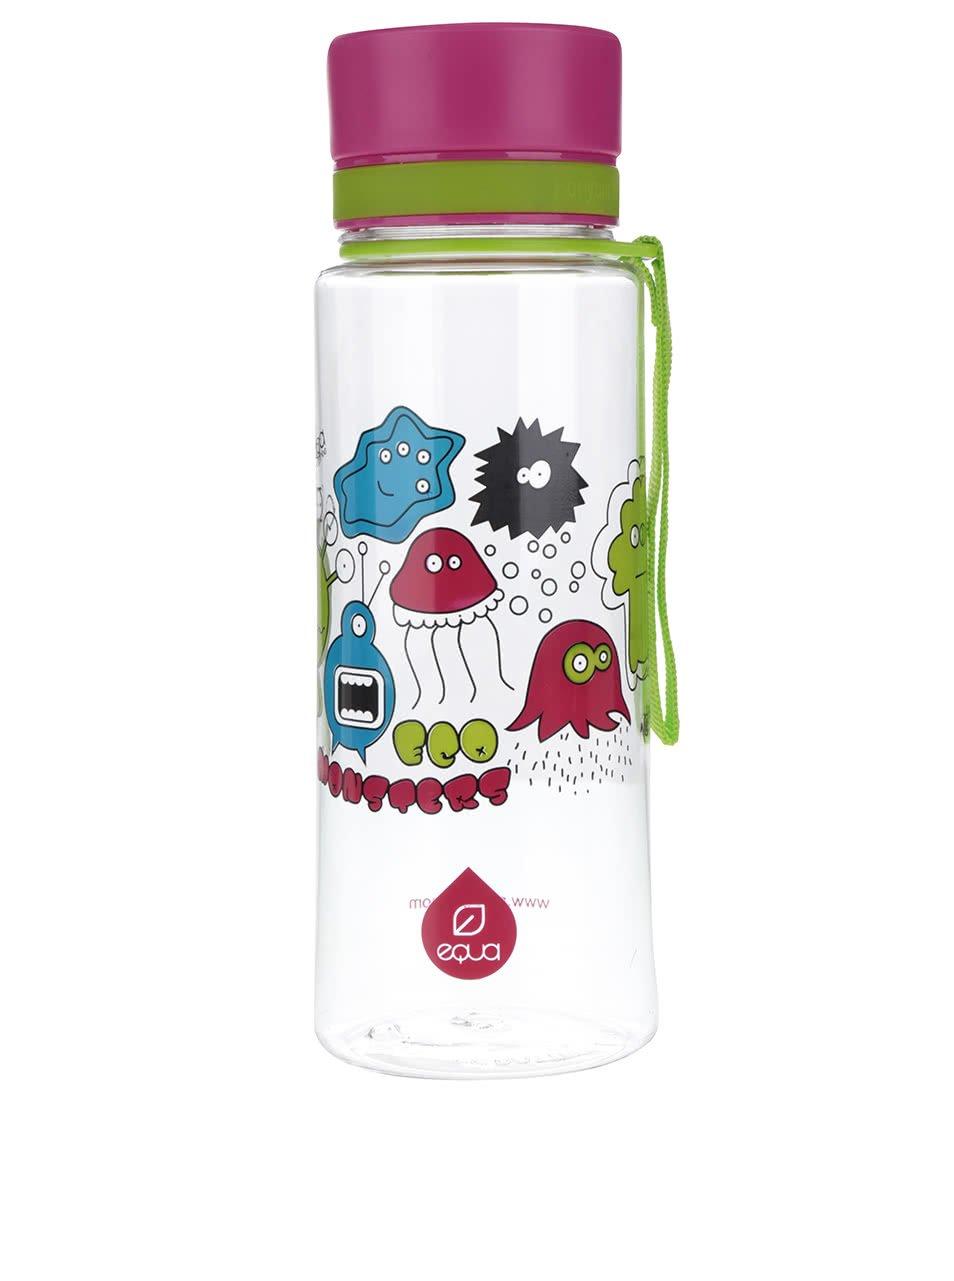 Plastová láhev s motivem příšerek EQUA (600 ml)